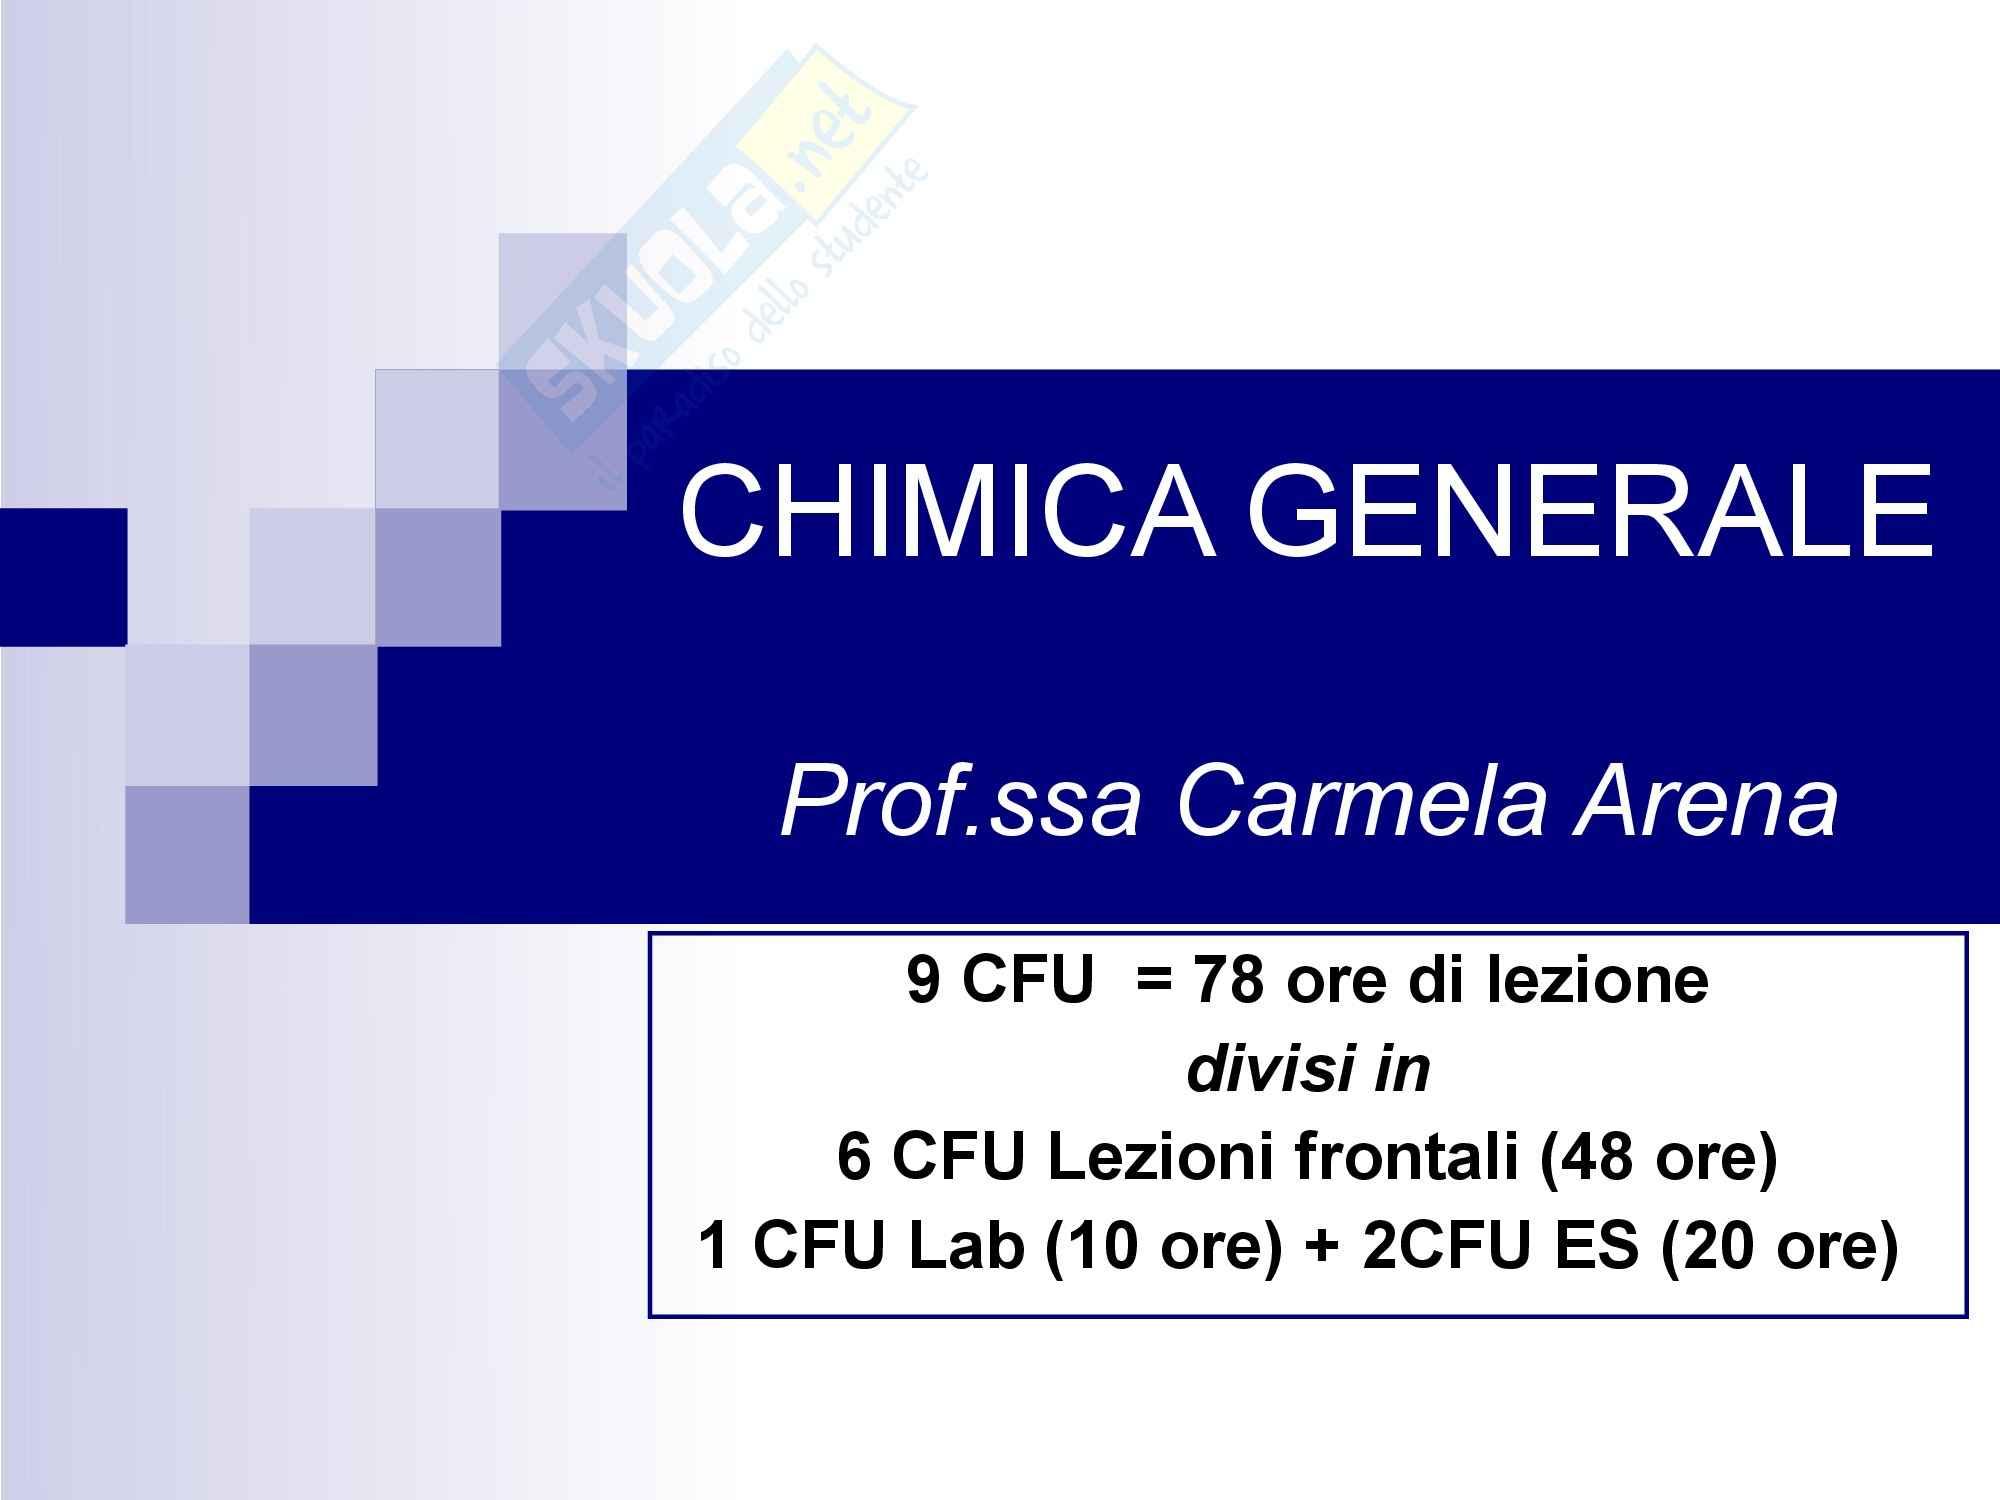 Chimica generale - Introduzione